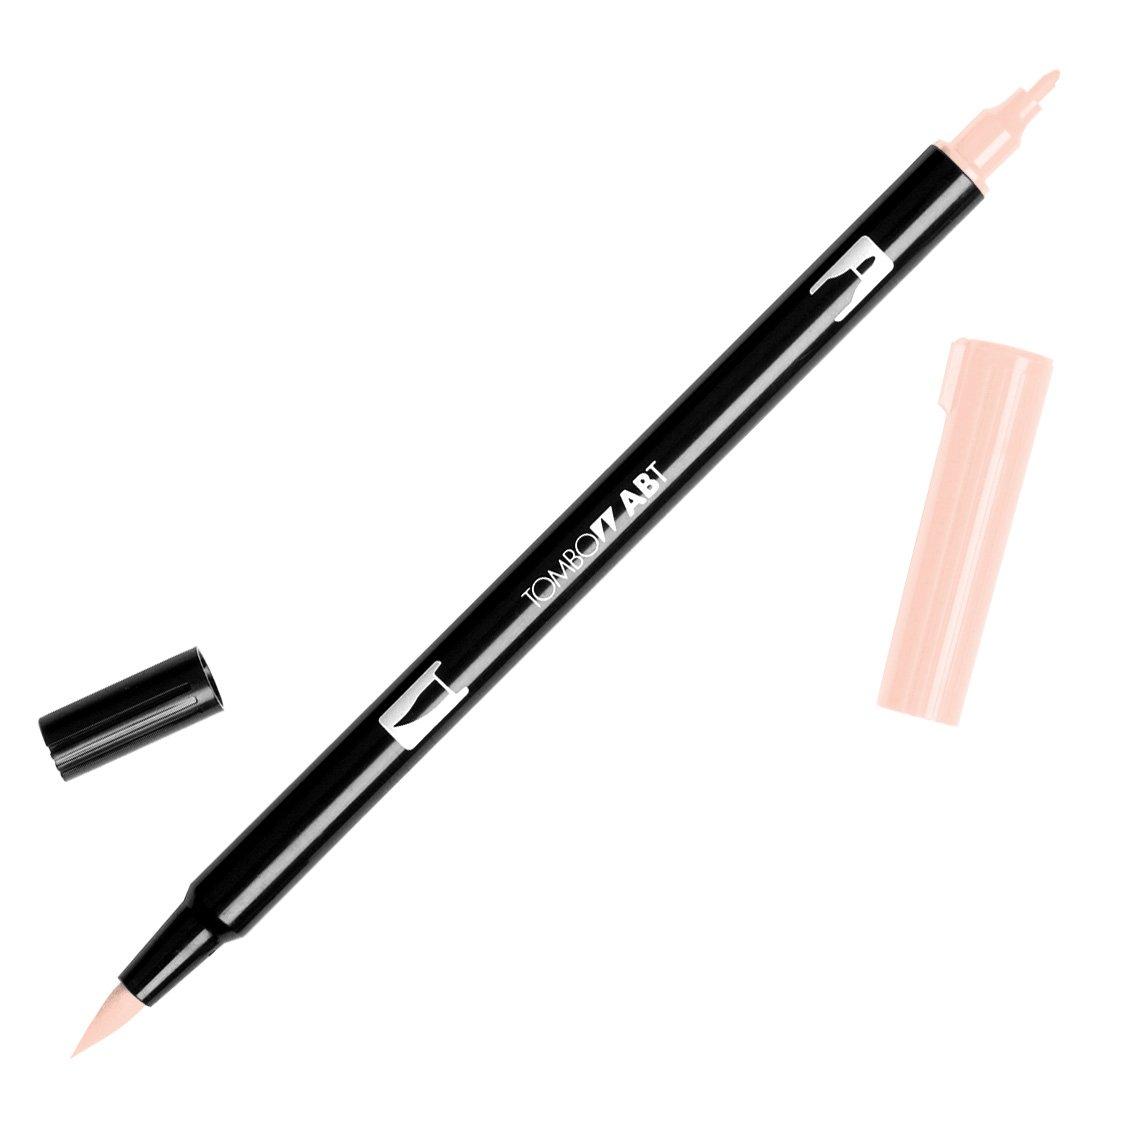 Tombow 56598 Dual Brush Pen Art Marker, 850 - Flesh, 1-Pack. Blendable, Brush and Fine Tip Marker